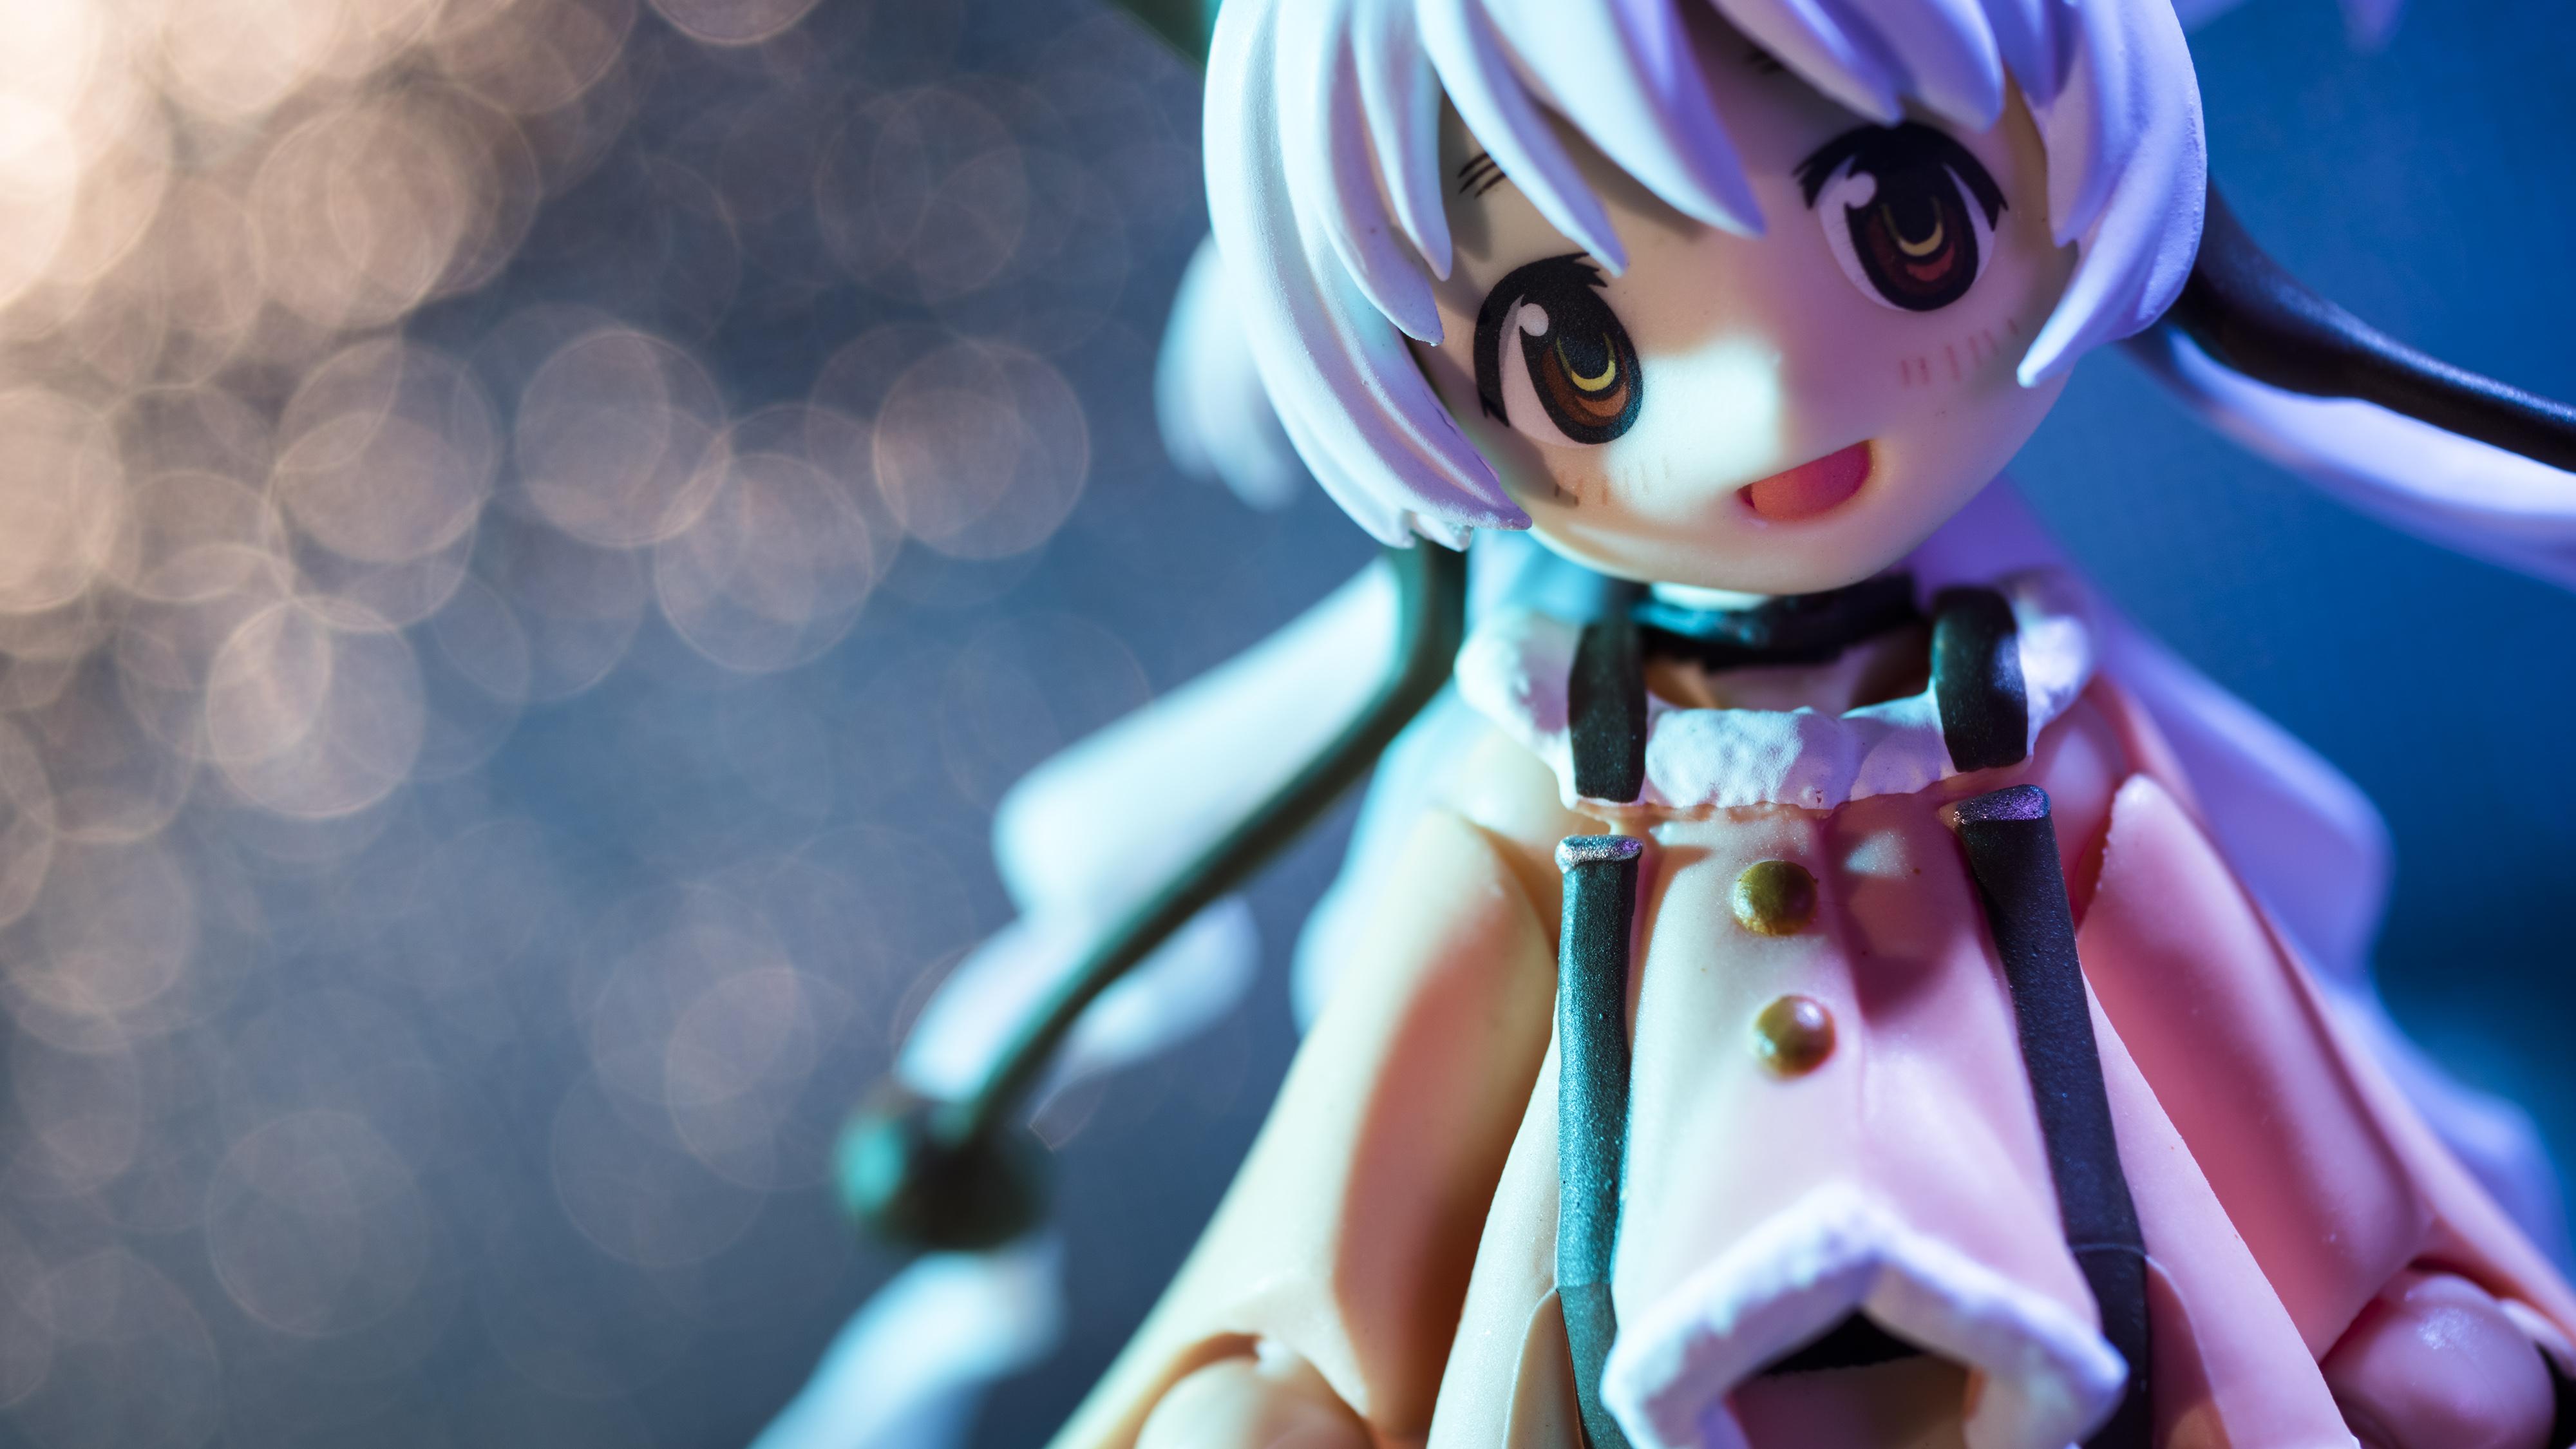 figma max_factory asai_(apsy)_masaki aniplex charlotte magica_quartet gekijouban_mahou_shoujo_madoka★magica:_hangyaku_no_monogatari momoe_nagisa